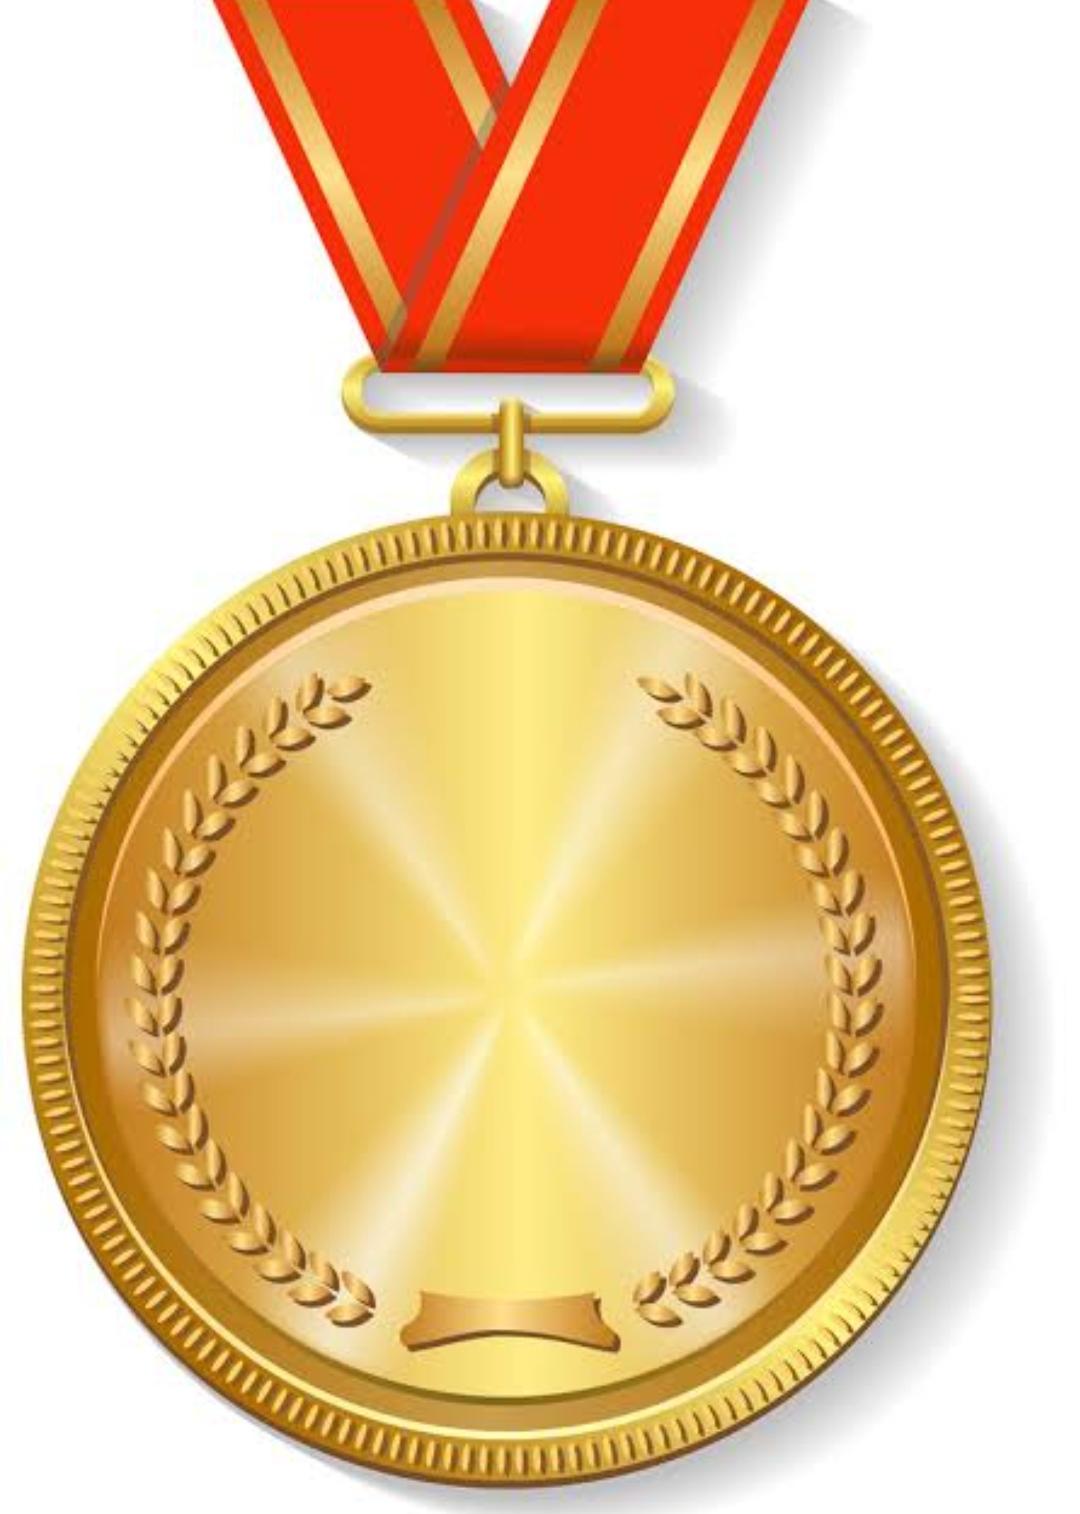 प्रोत्साहन योजना : राज्य स्तर पर भी स्वर्ण पदक पाने वाले खिलाड़ी के घर तक सड़क बनाएगी सरकार। जानिए फैसला